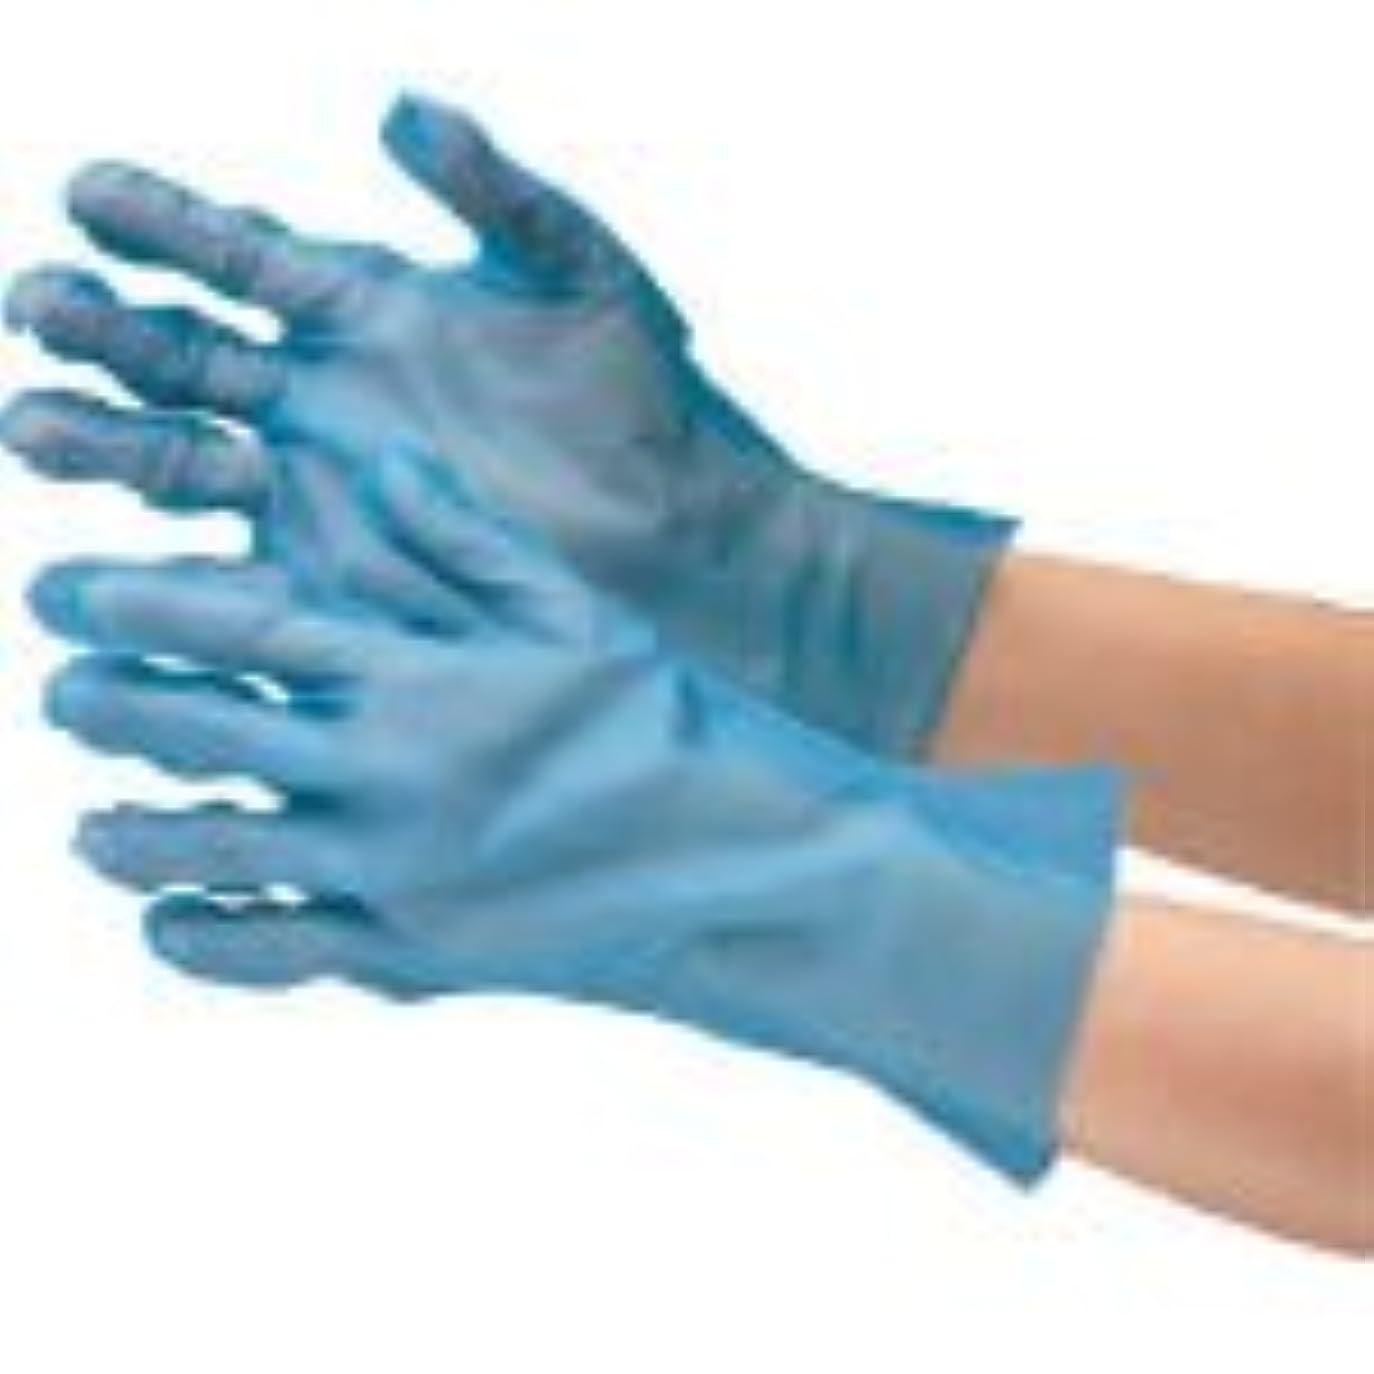 驚いたことに不調和ダンスミドリ安全/ミドリ安全 ポリエチレン使い捨て手袋 外エンボス 200枚入 青 M(3915301) VERTE-576-M